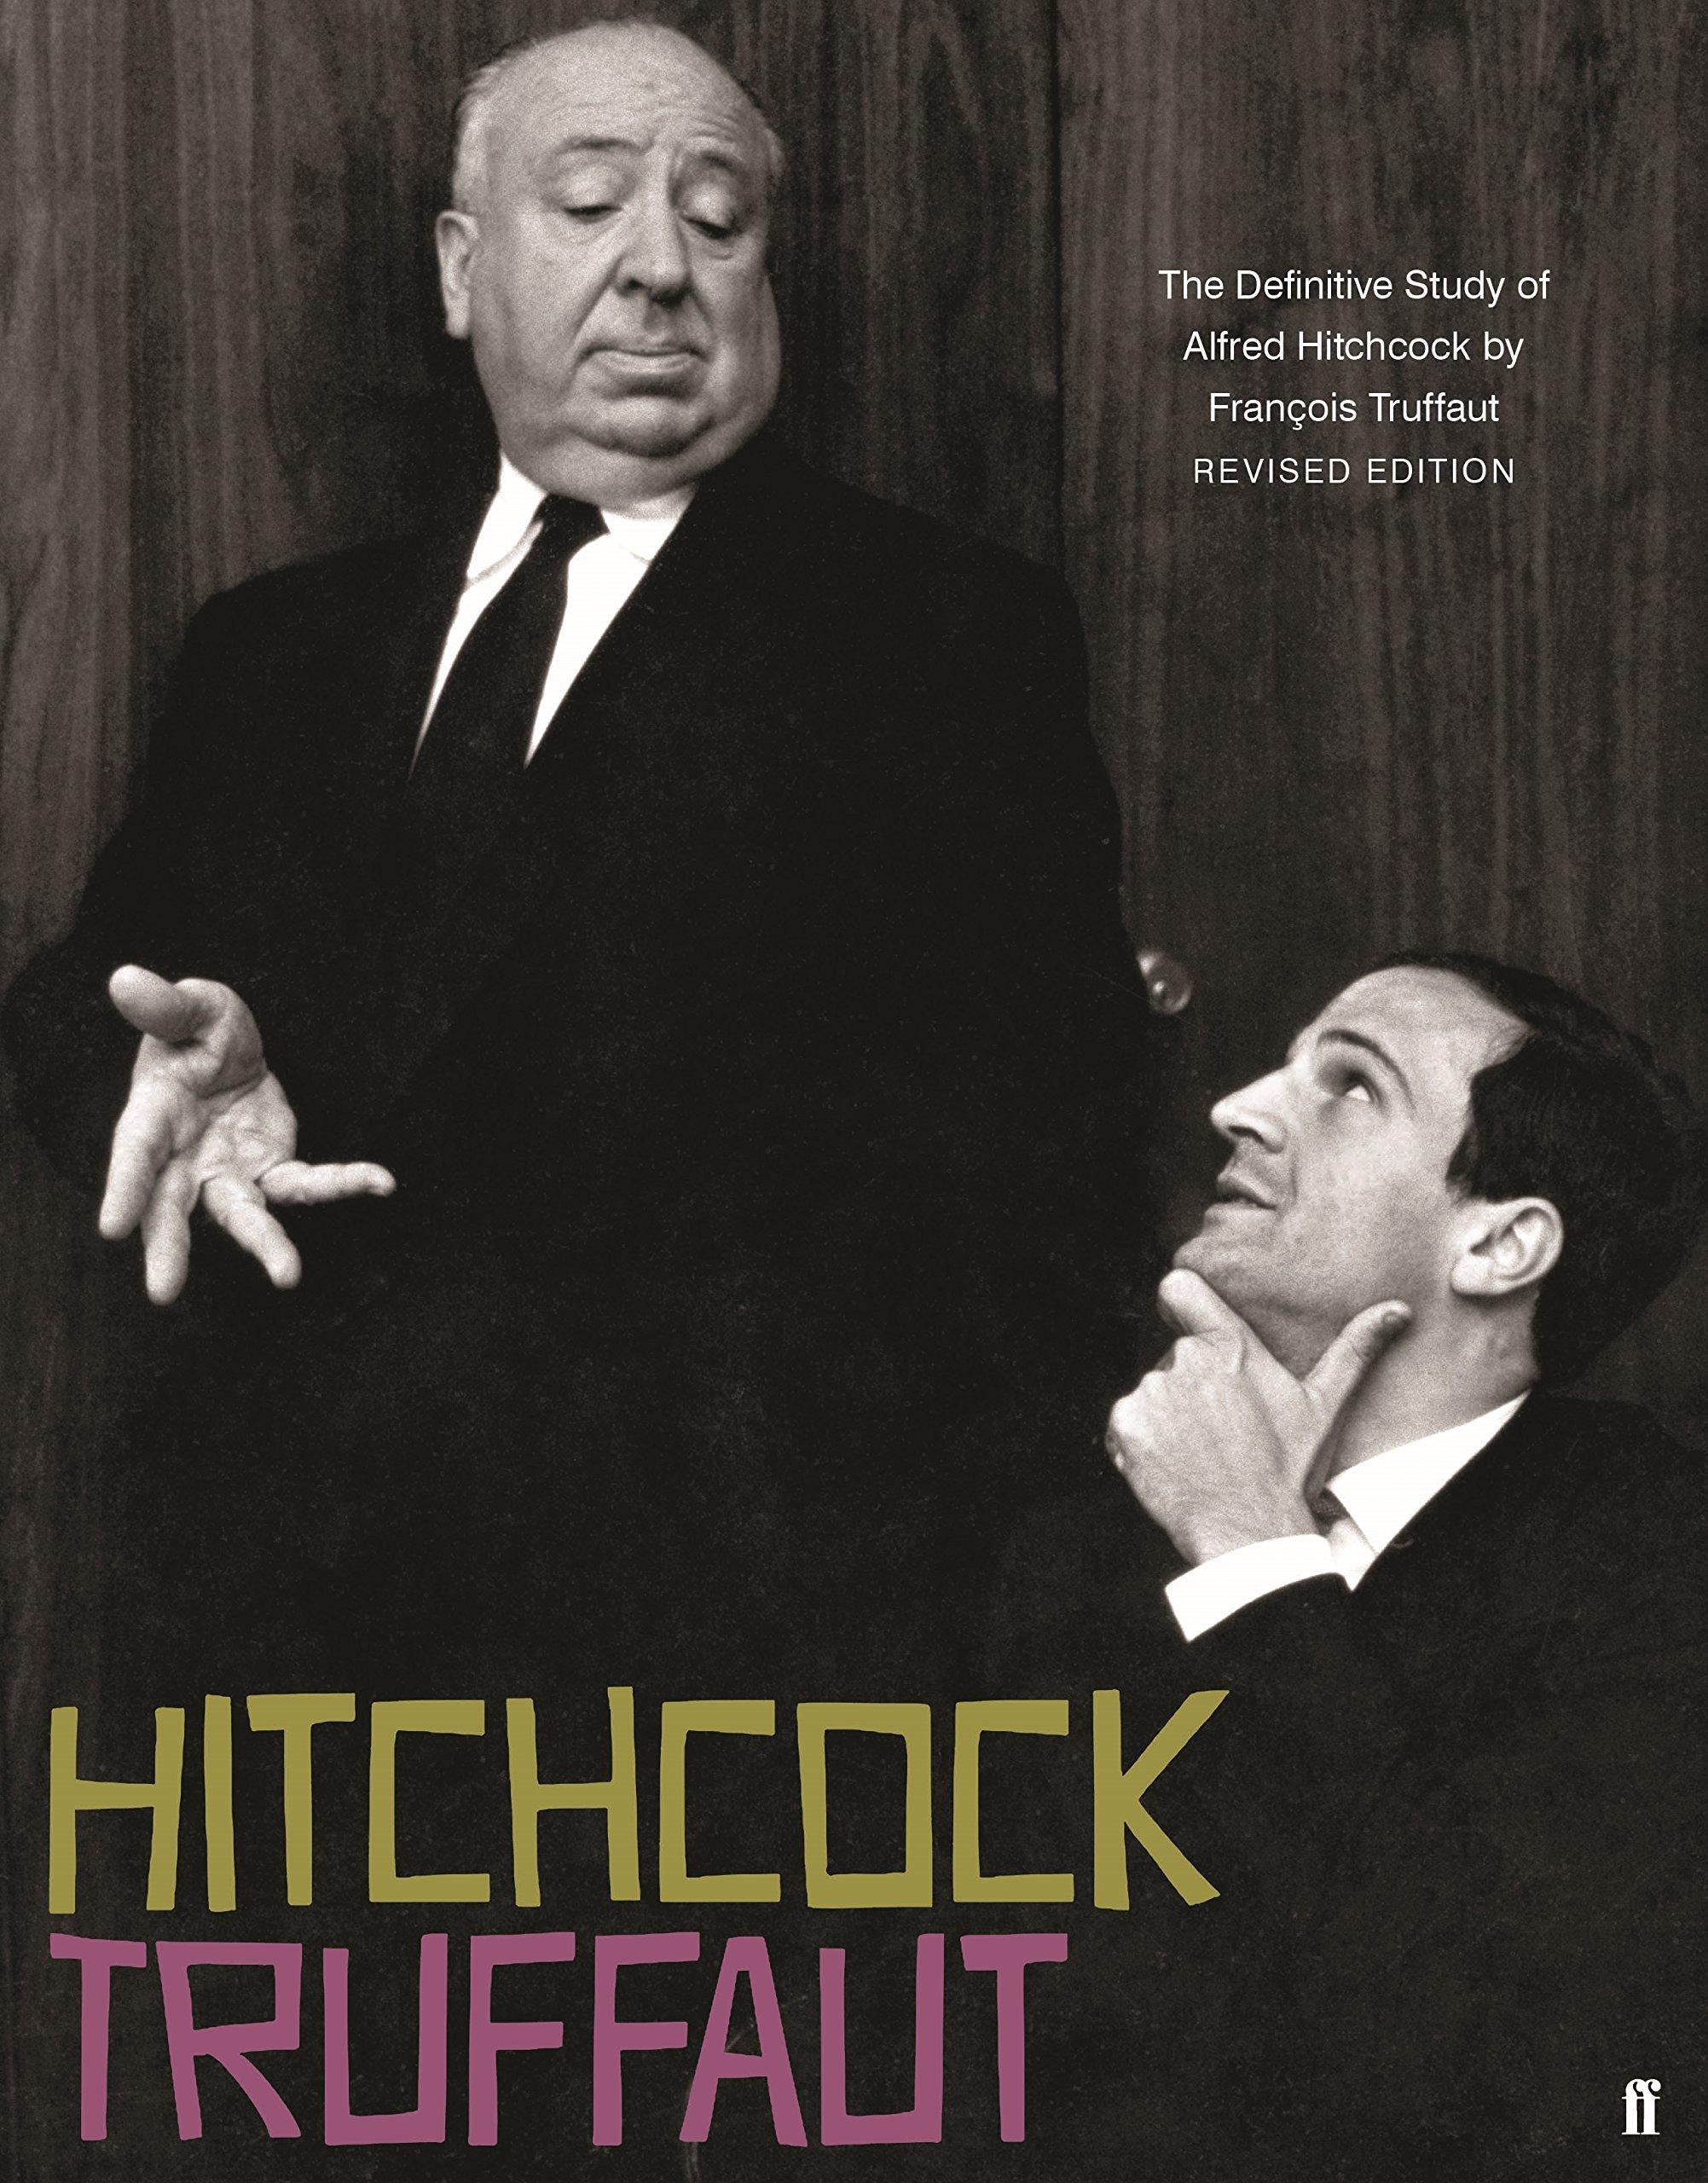 Hitchcock/Truffaut book (1967)